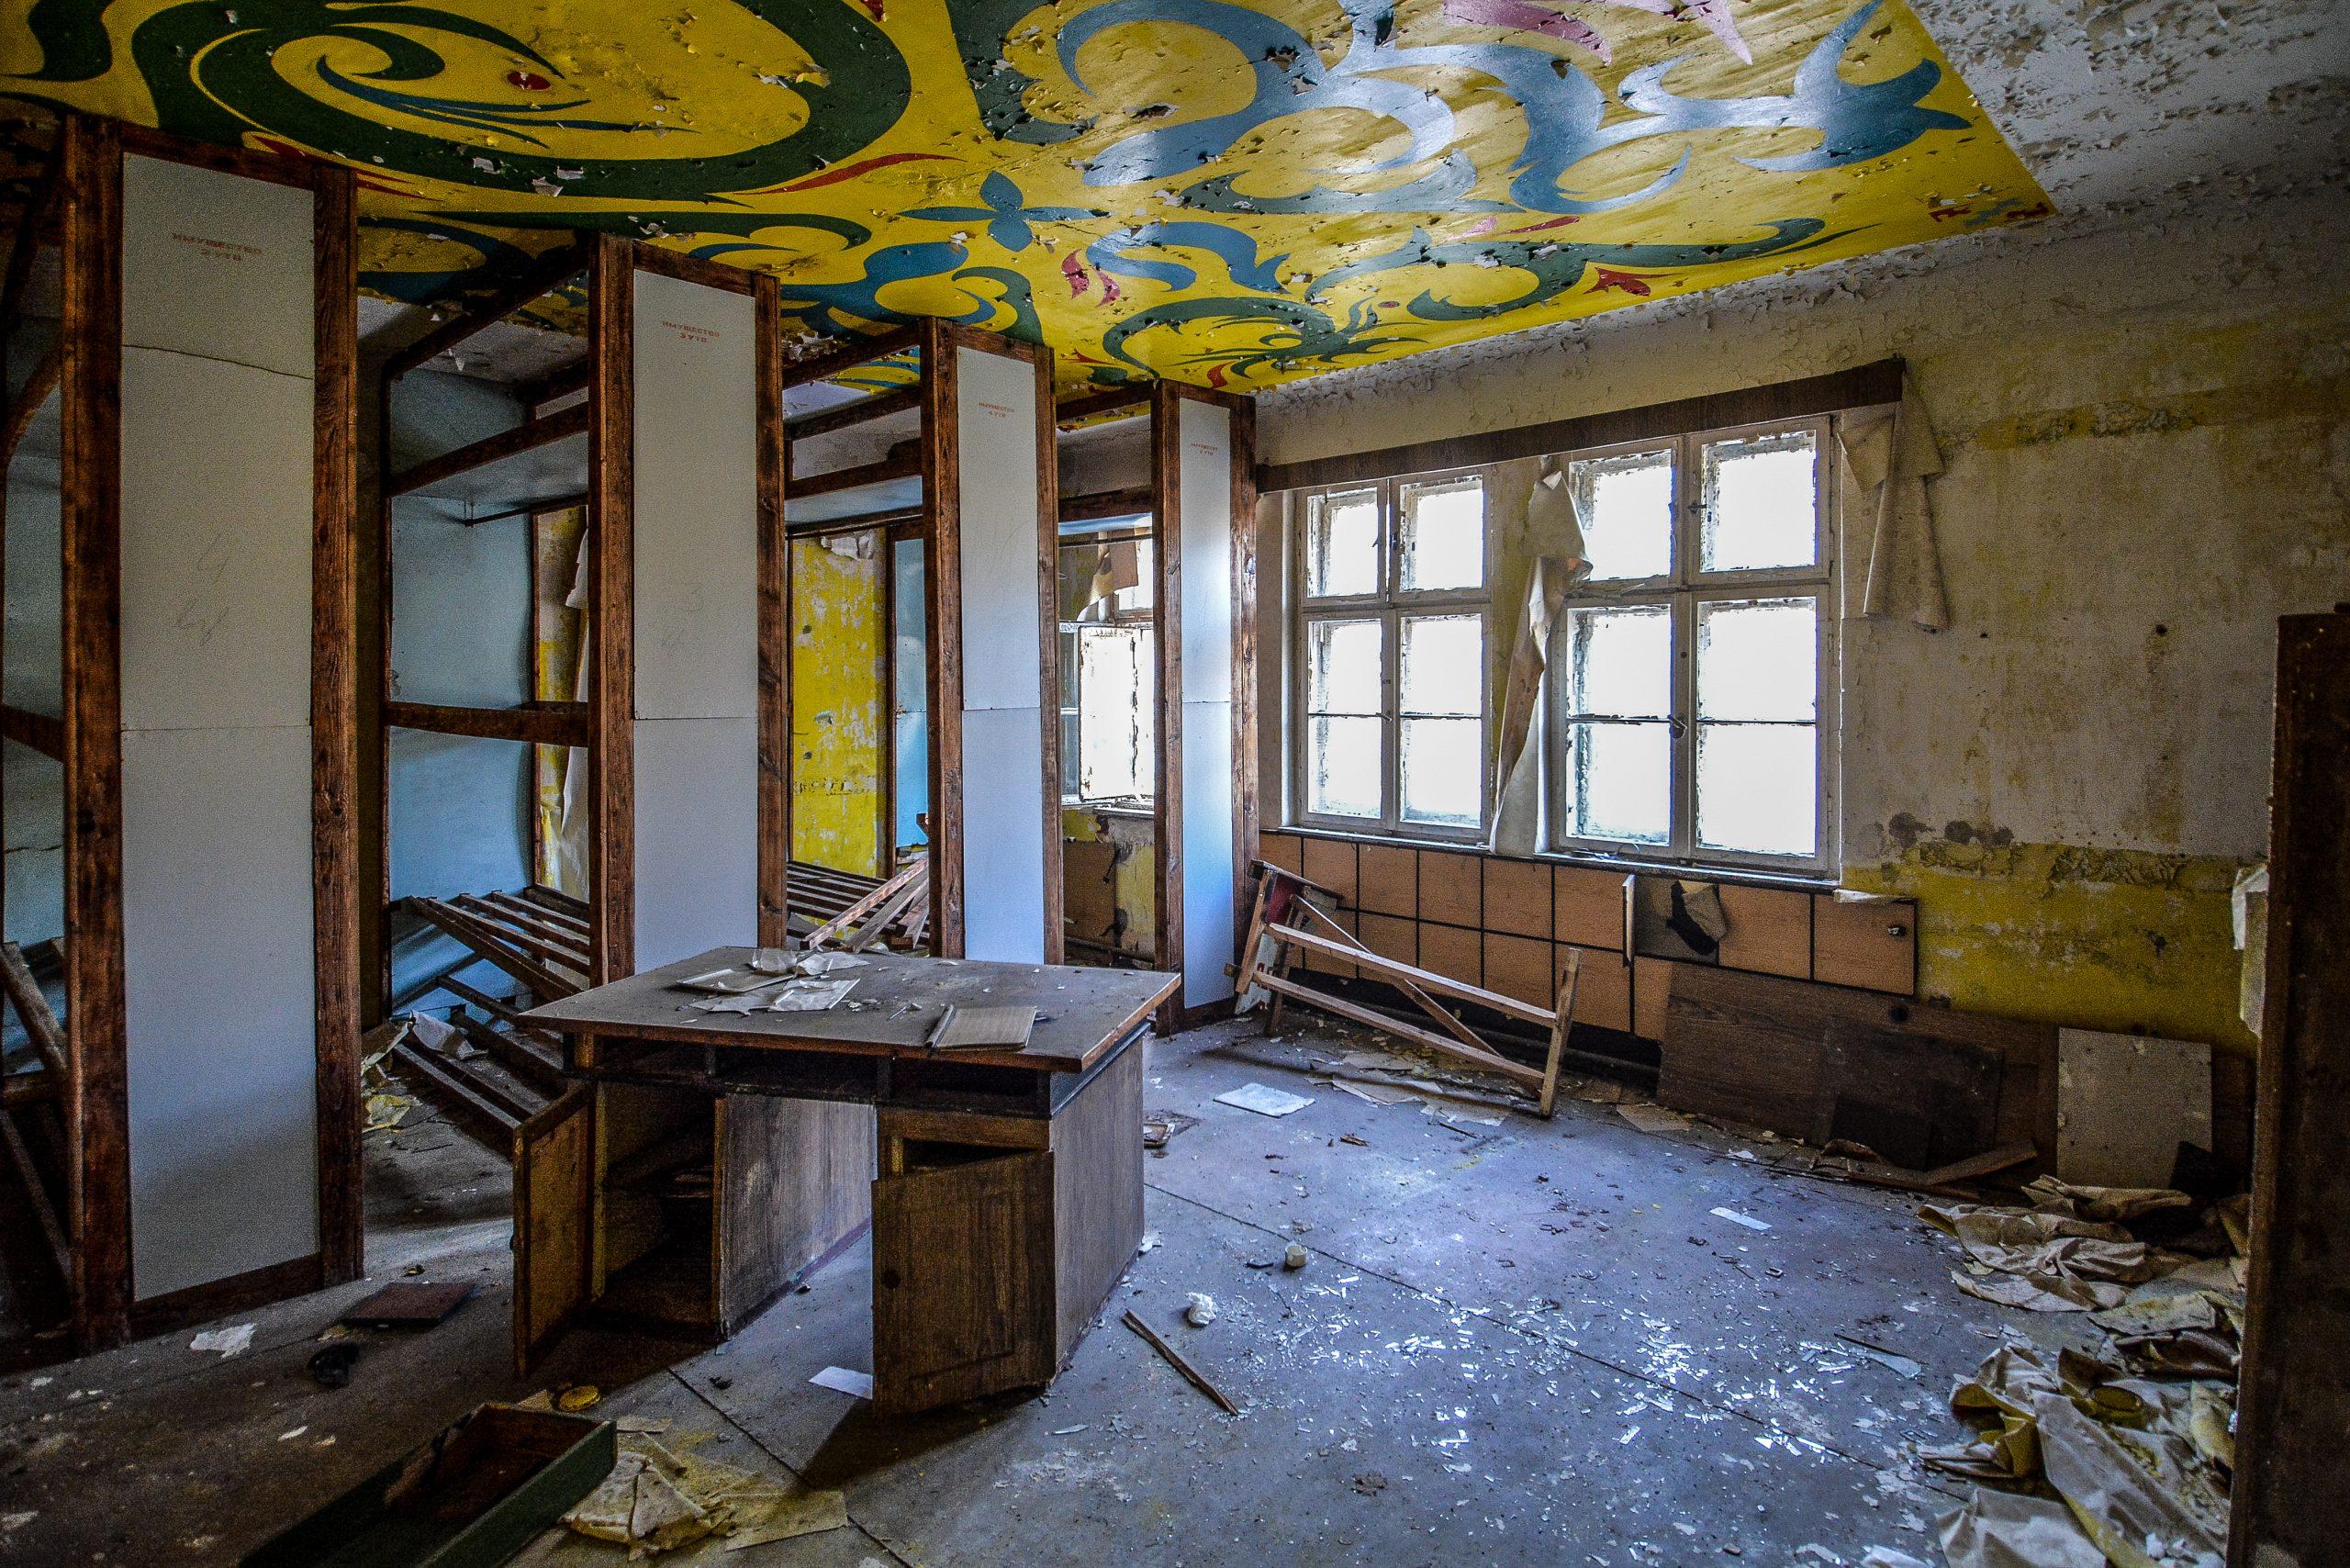 red army storage room forst zinna adolf hitler lager luckenwalde juterbog sowjet kaserne soviet military barracks germany lost places urbex abandoned